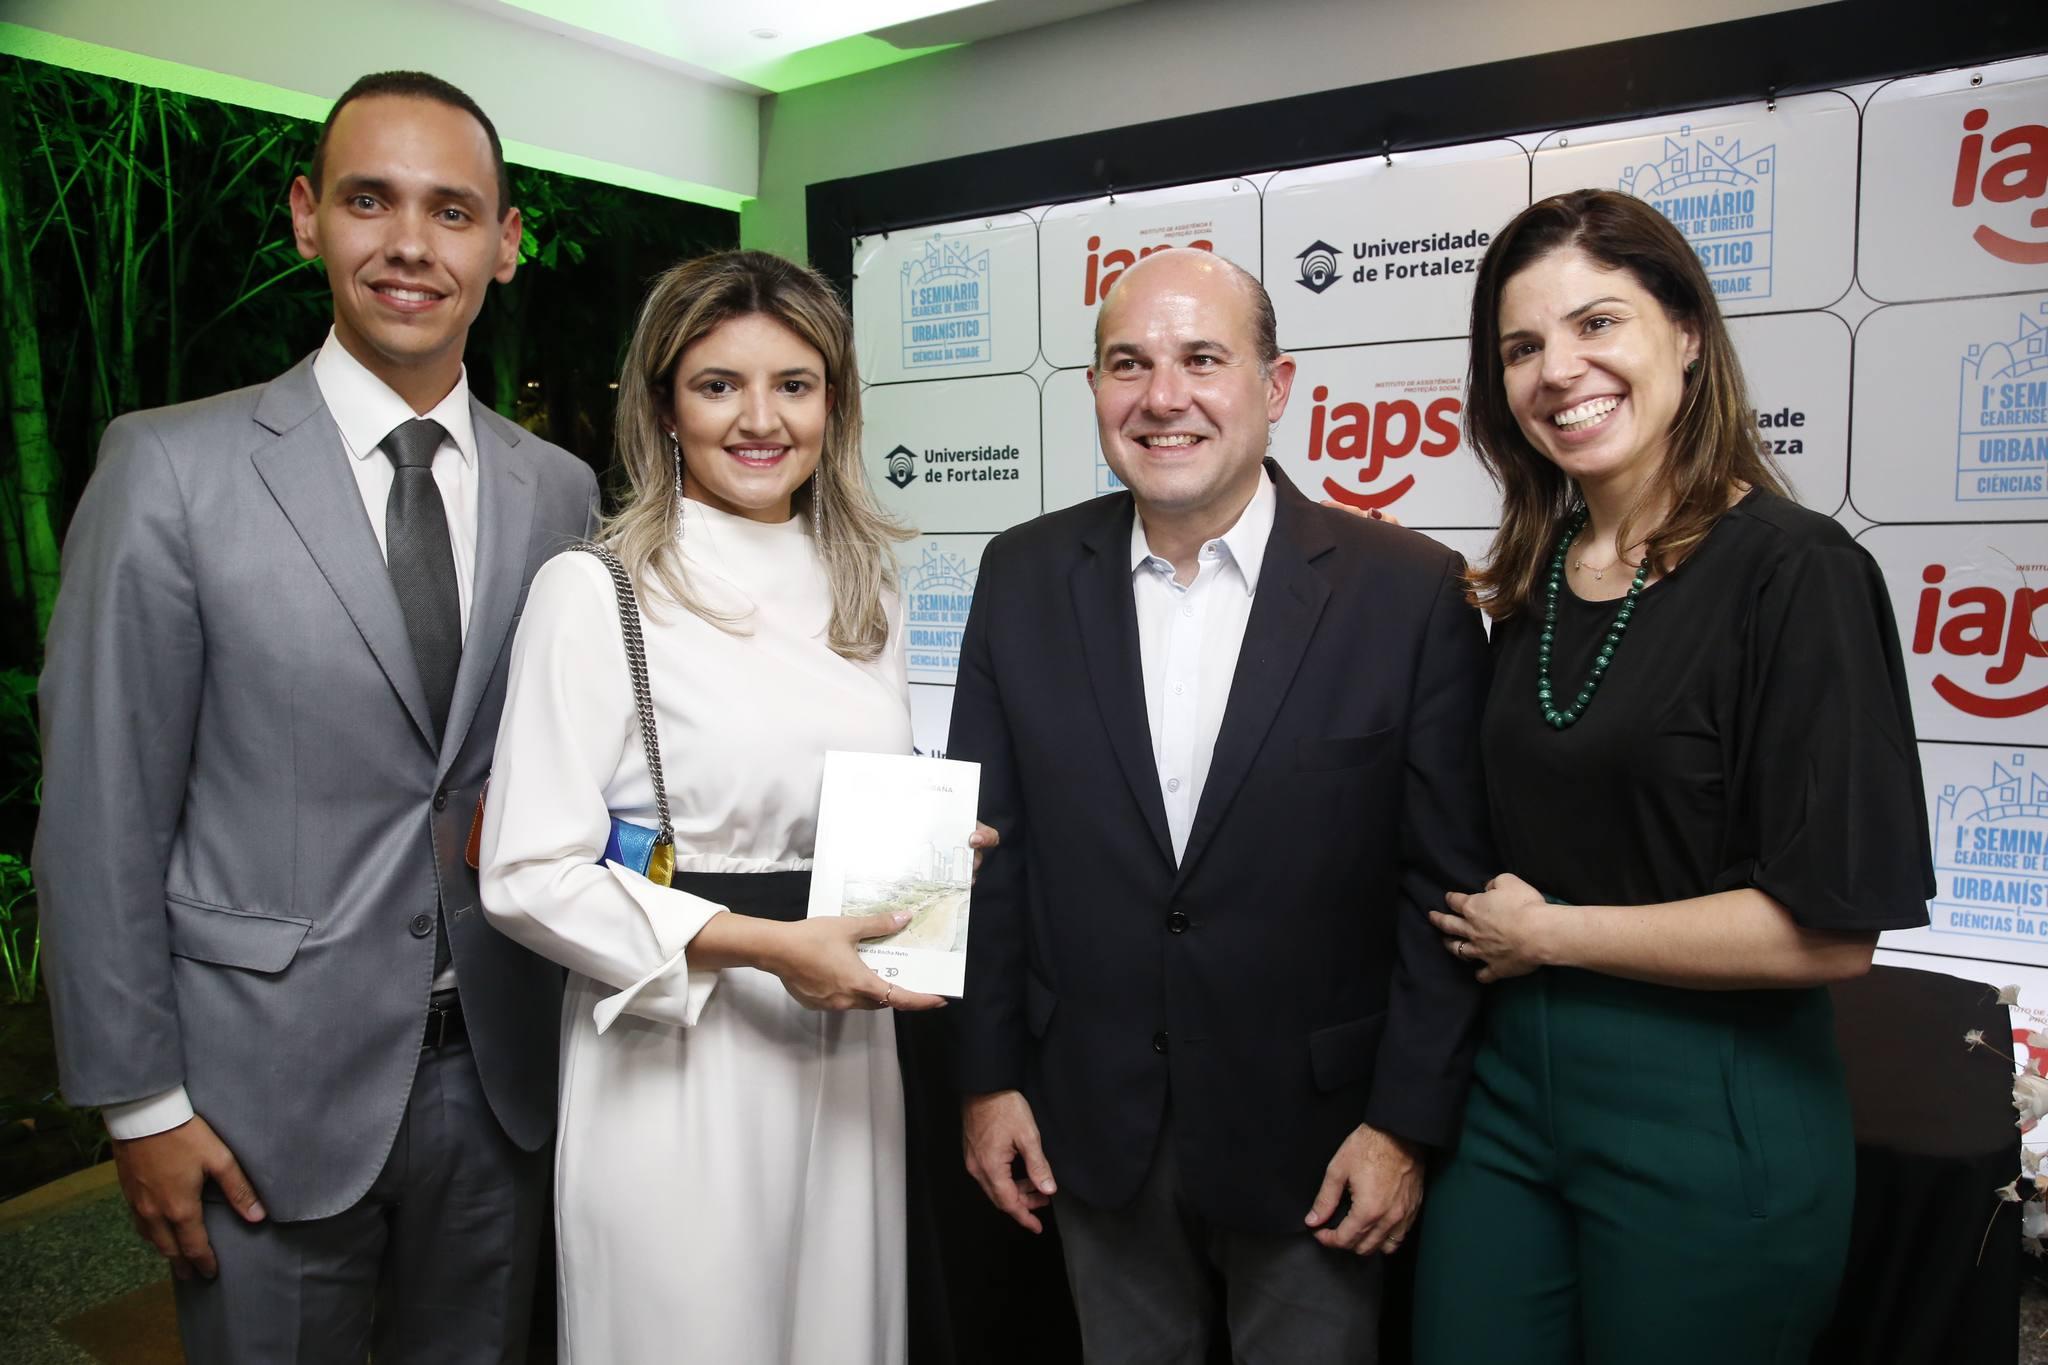 Pedro Rocha Neto pilota lançamento de livro na Universidade de Fortaleza